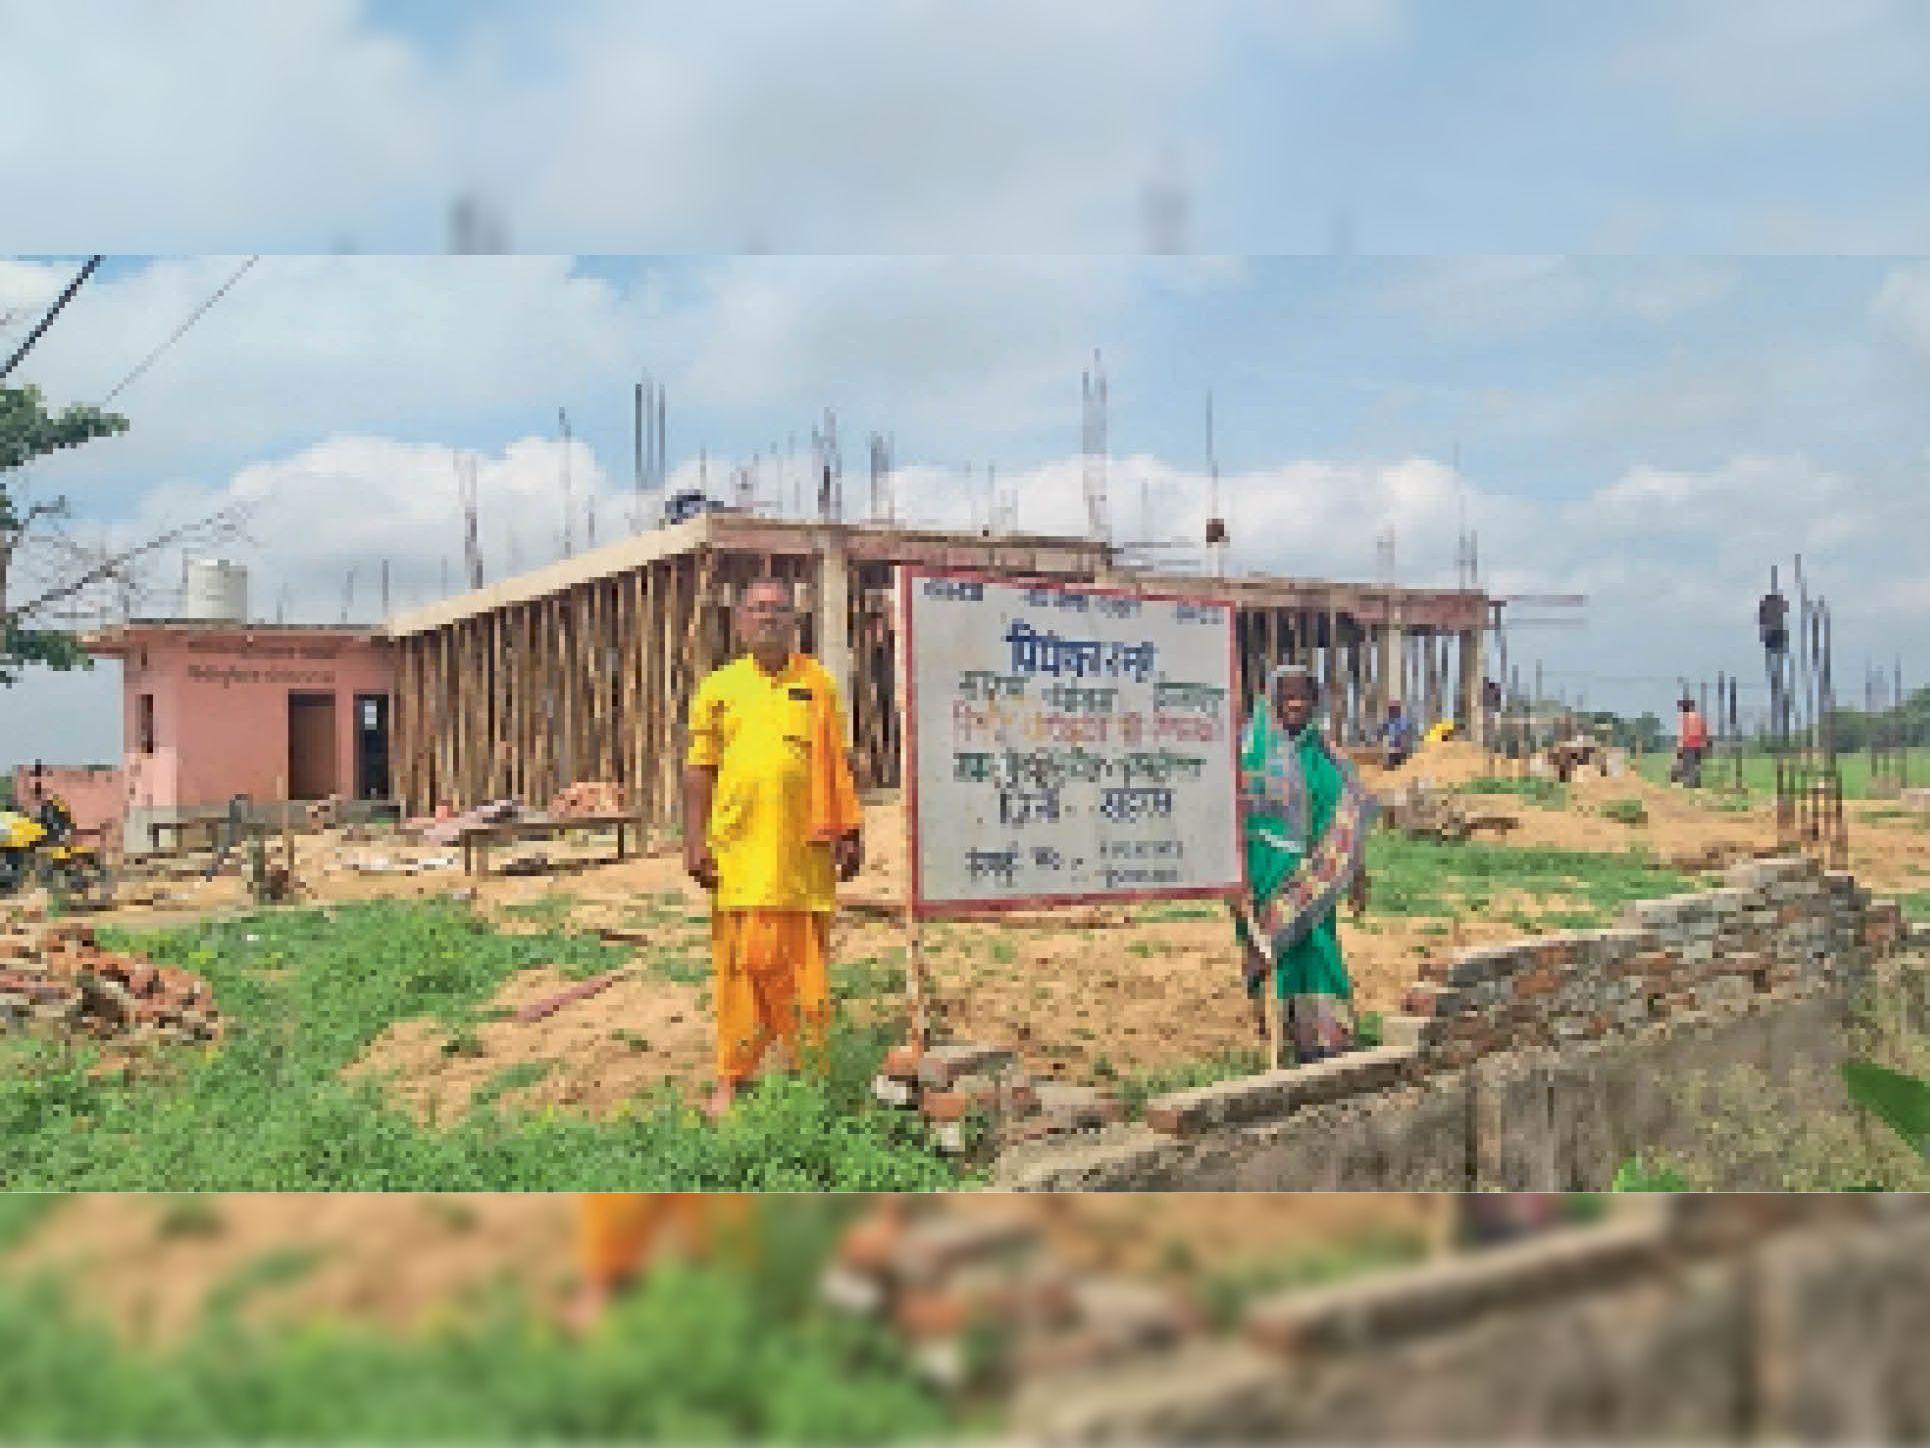 निर्माणाधीन धर्मशाला के पास पत्नी के साथ खड़े गोपाल झा। - Dainik Bhaskar